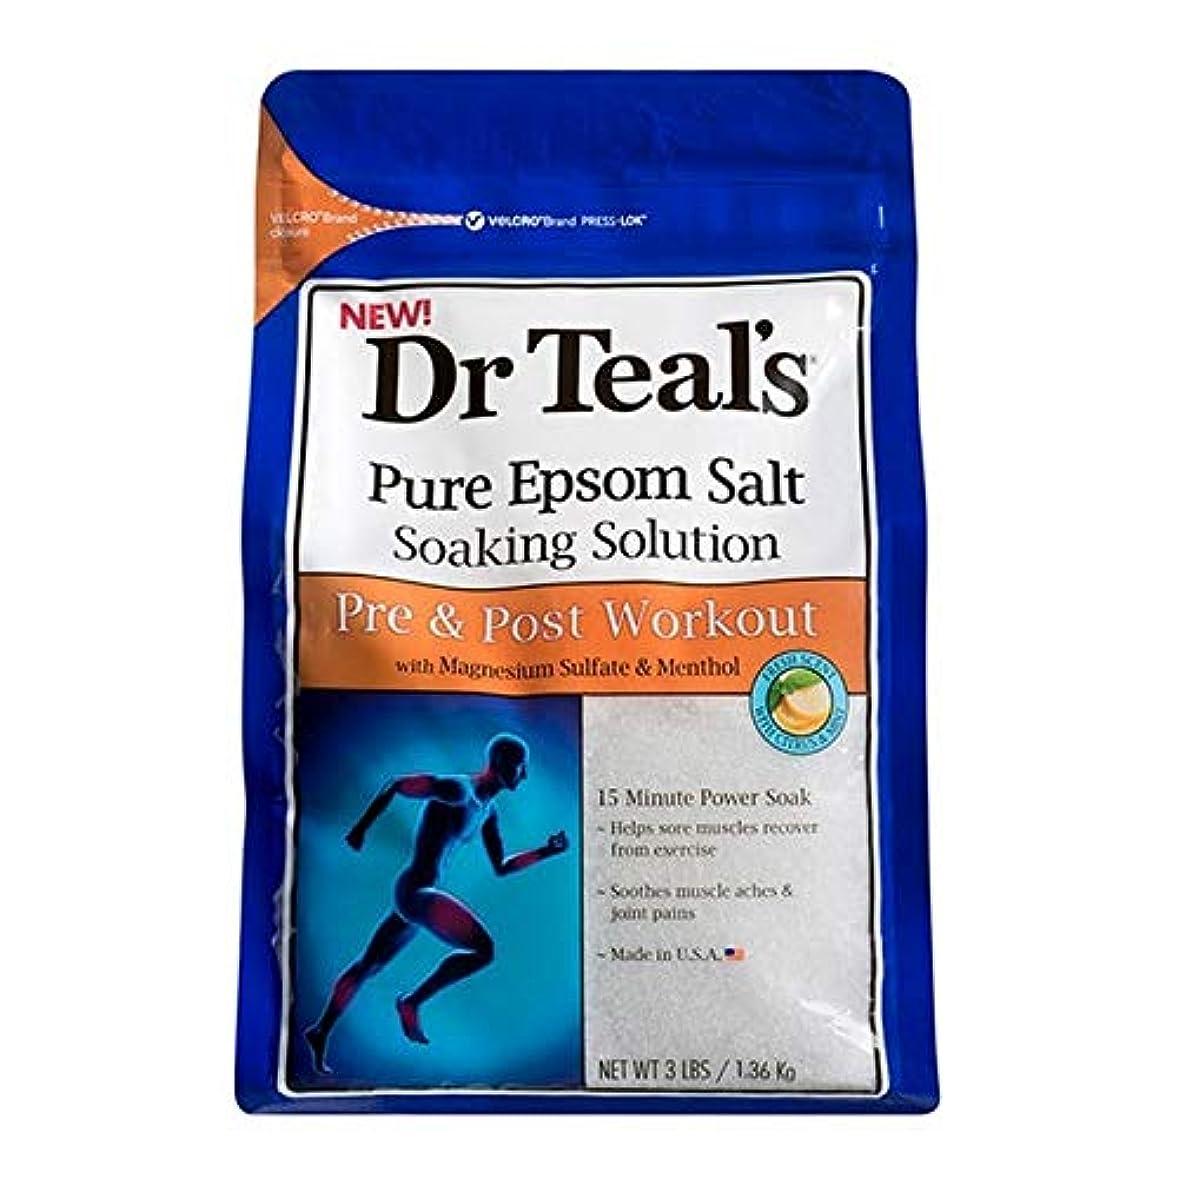 始まりフラップソファー[Dr Teals] Drのティールの均熱Bathsalt前N個のポストワークアウト1.36キロ - Dr Teal's Soaking Bathsalt Pre N Post Workout 1.36 kg [並行輸入品]